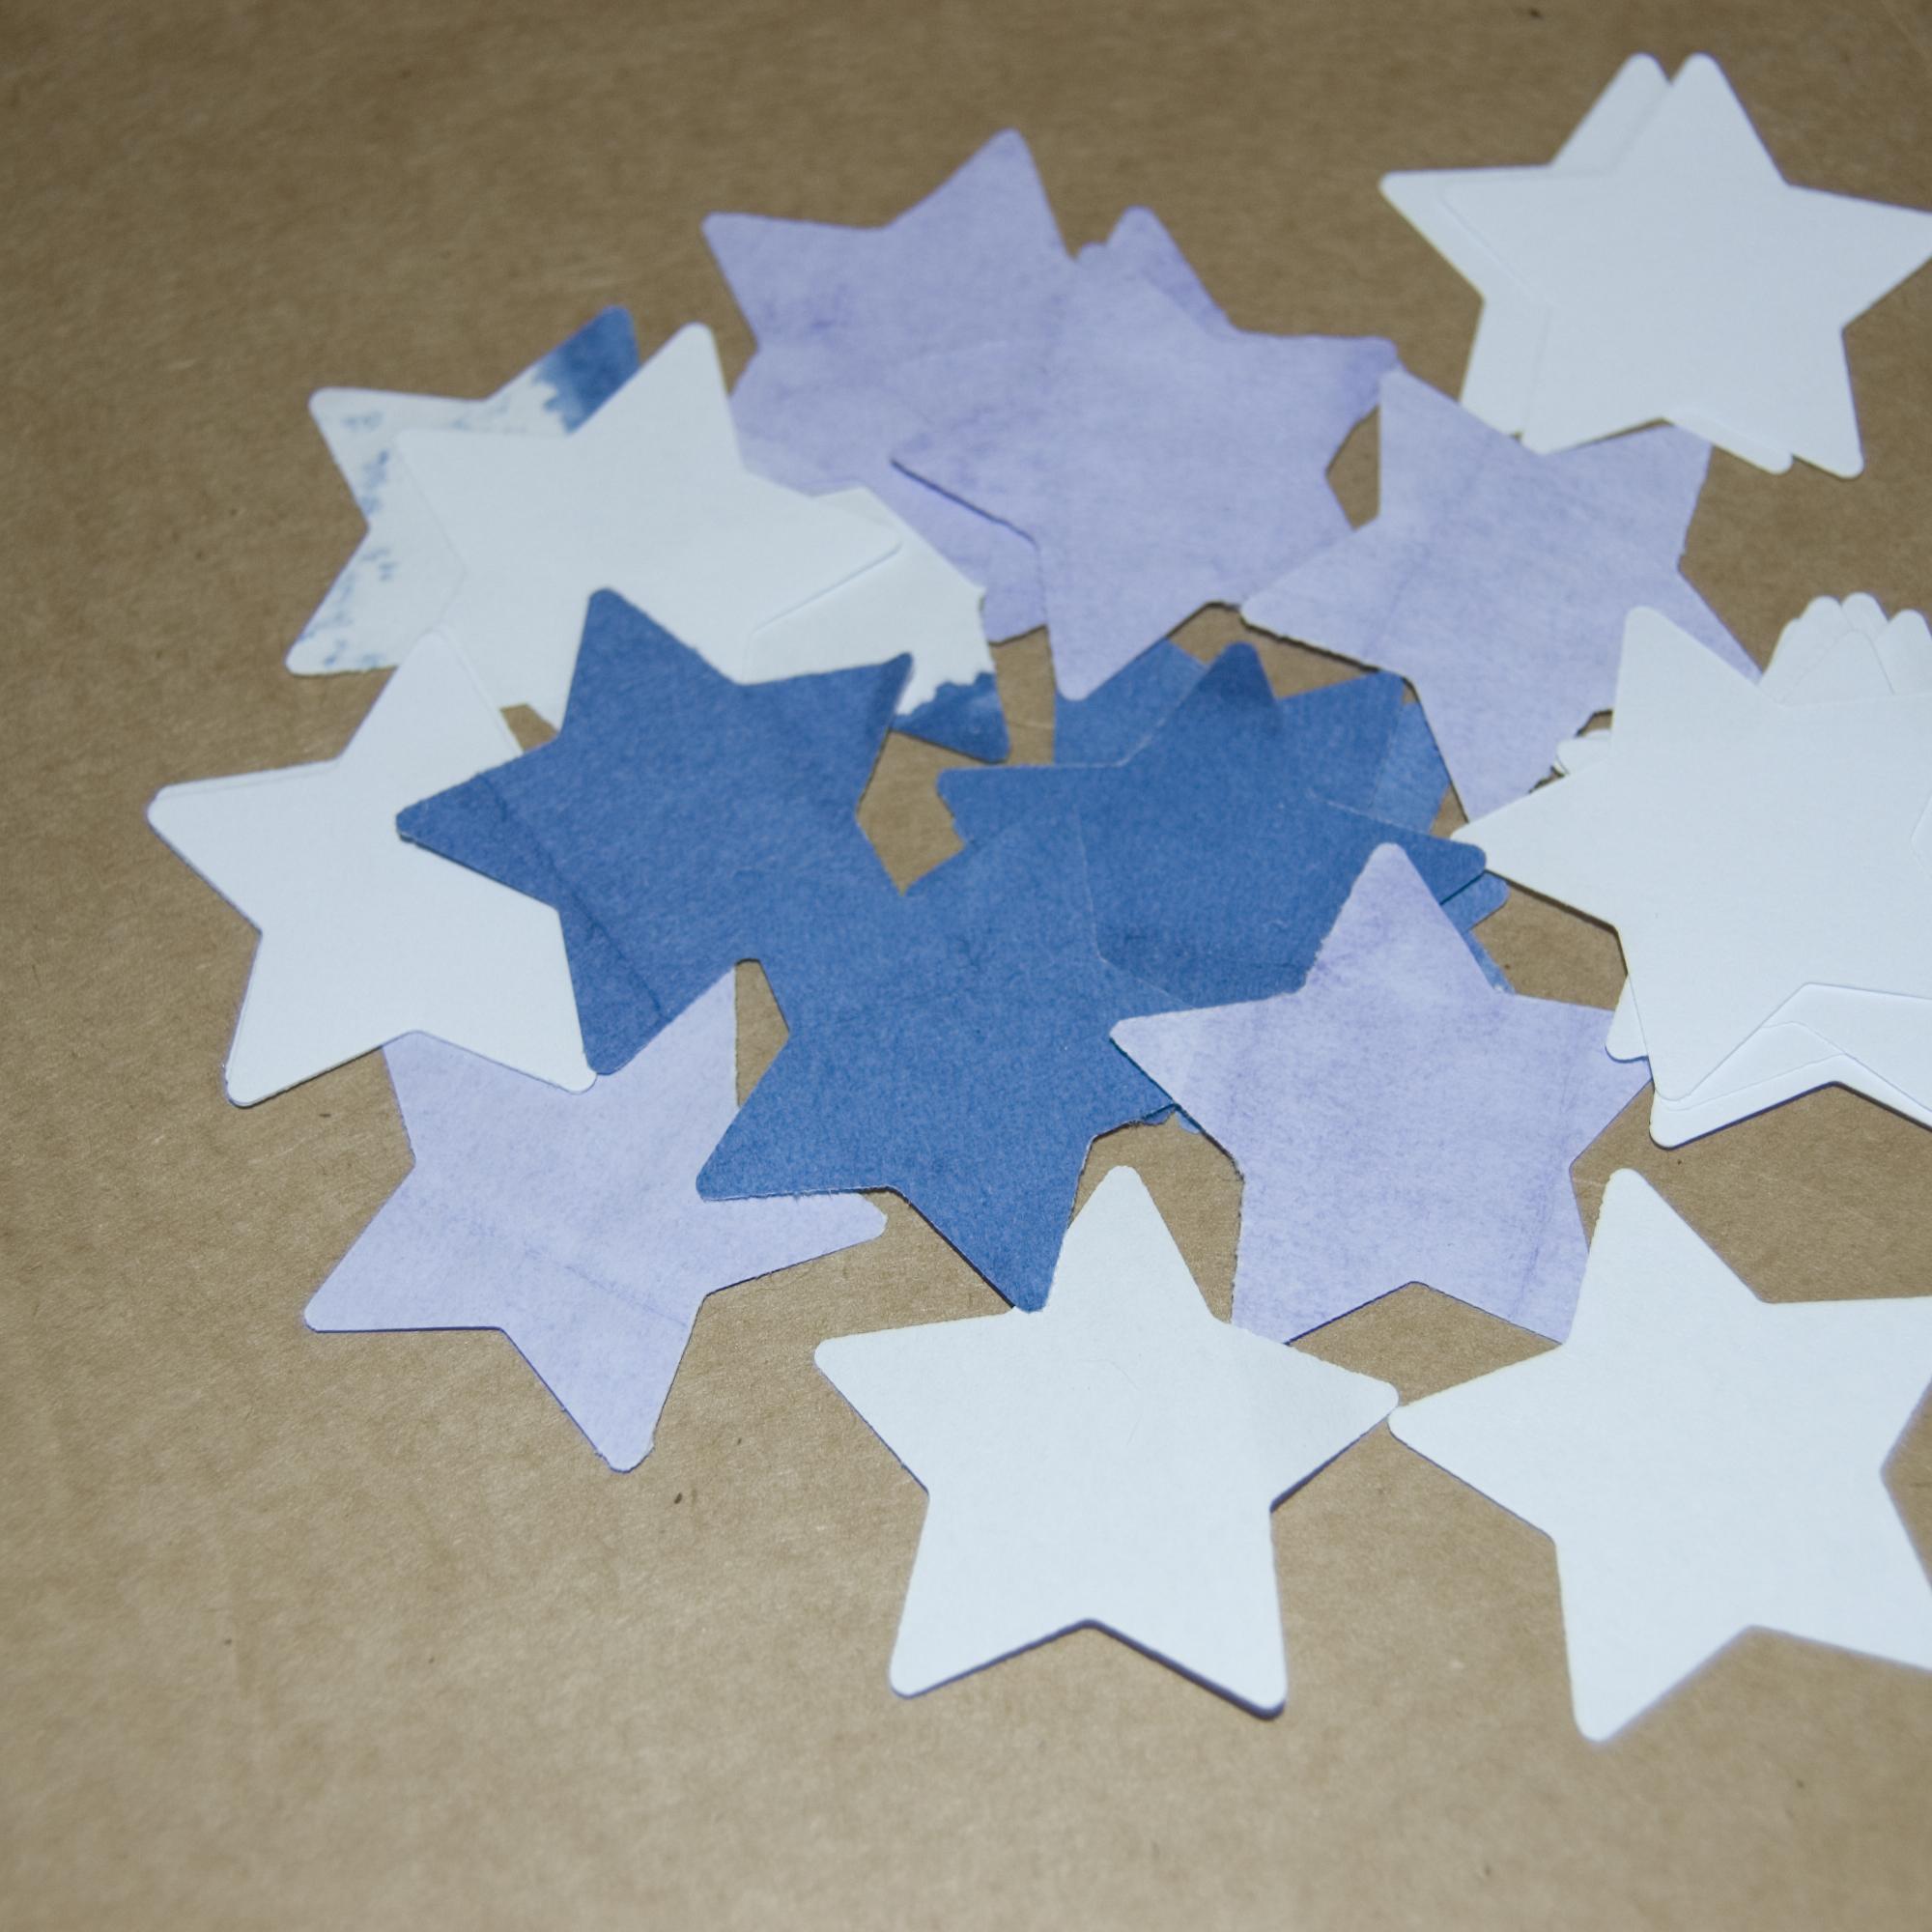 hvezdy modre